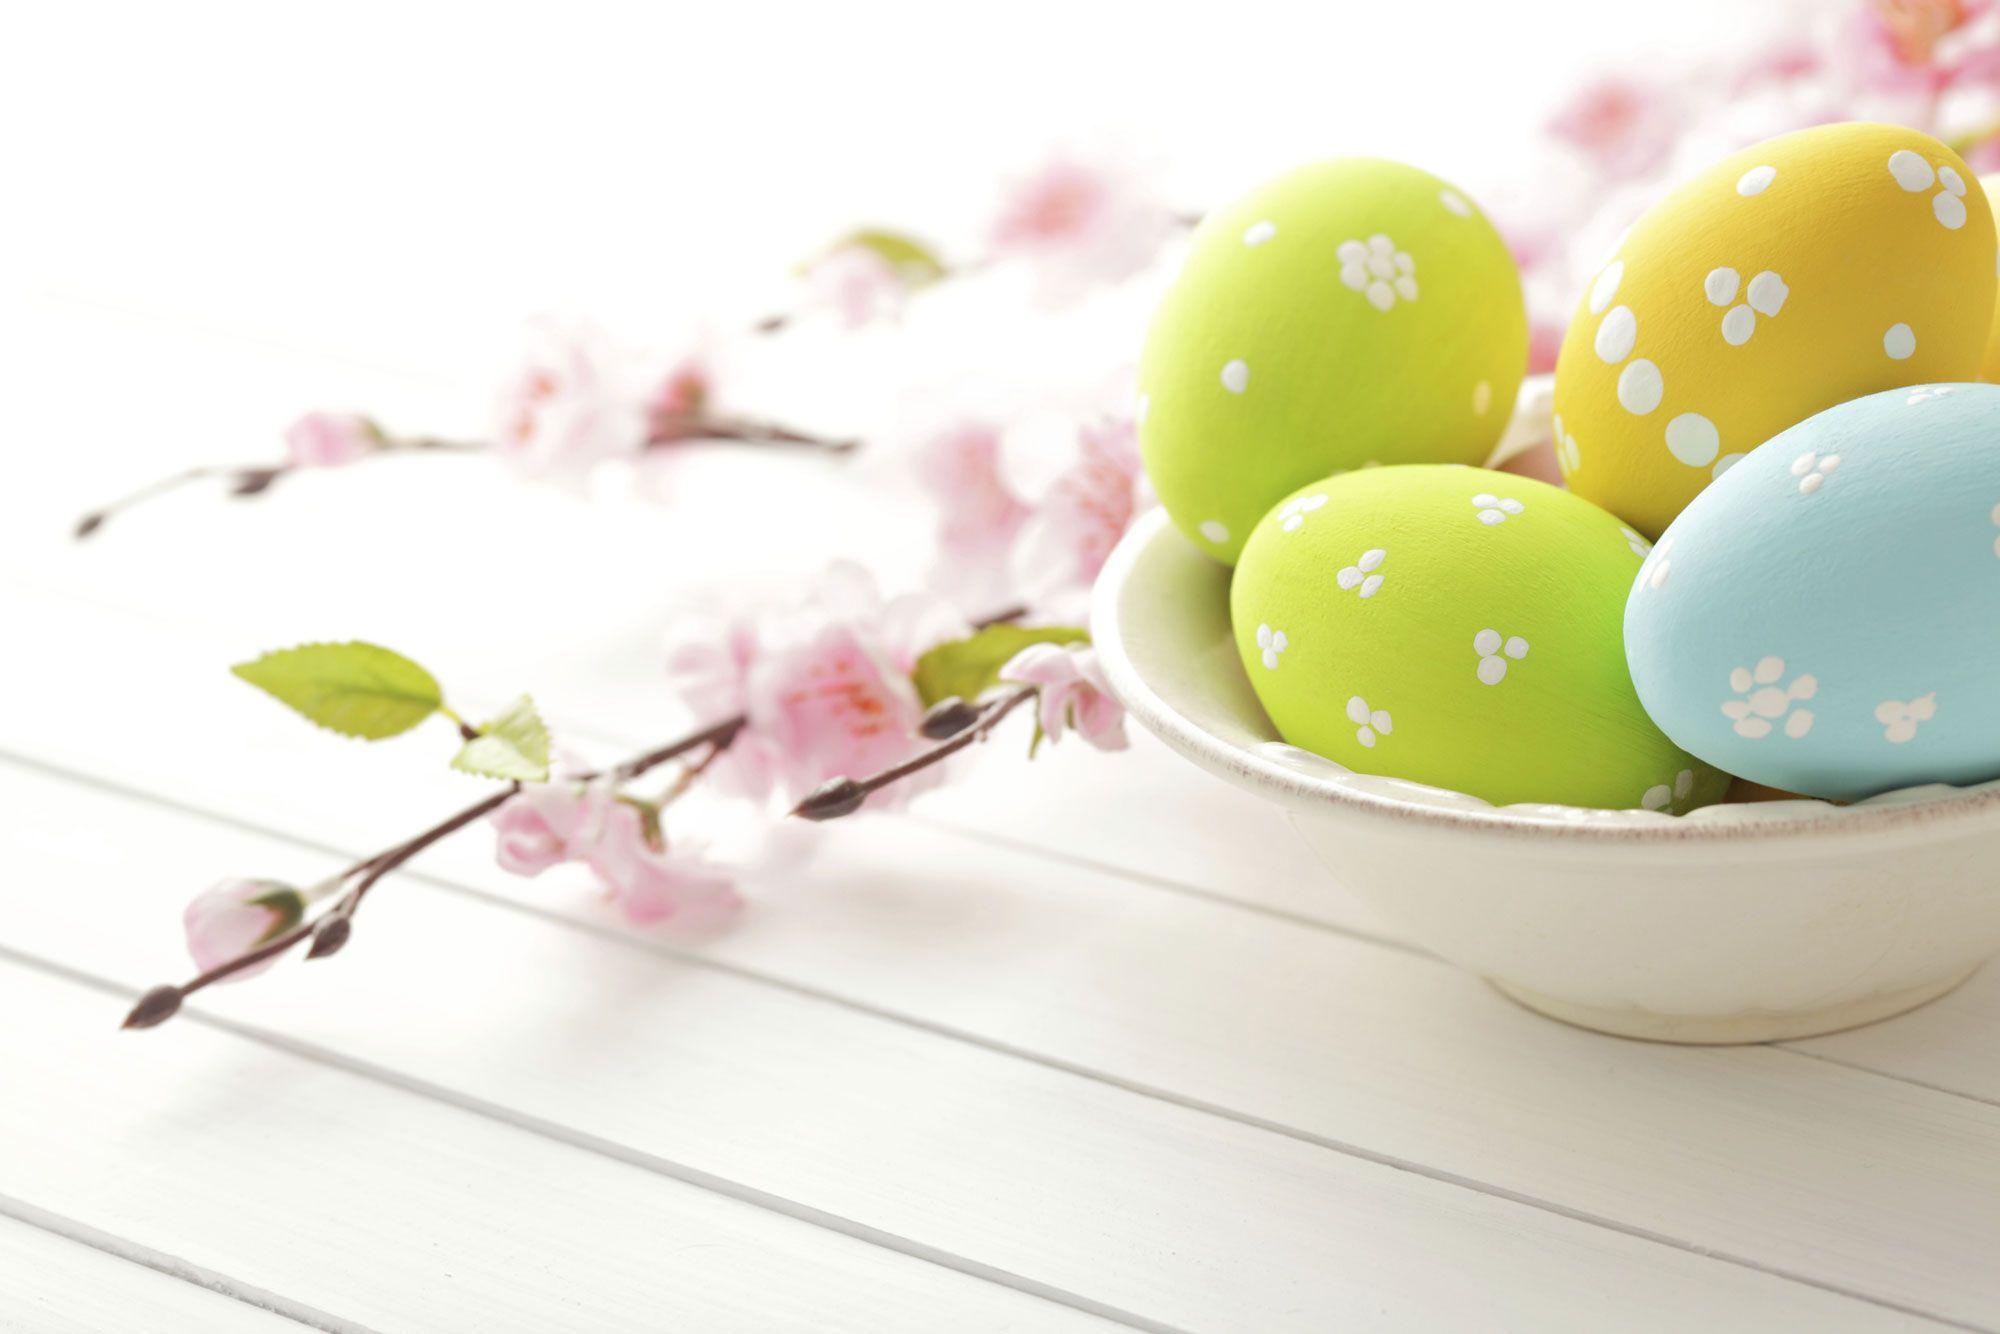 Décoration artistique d'oeufs artificiels pour Pâques